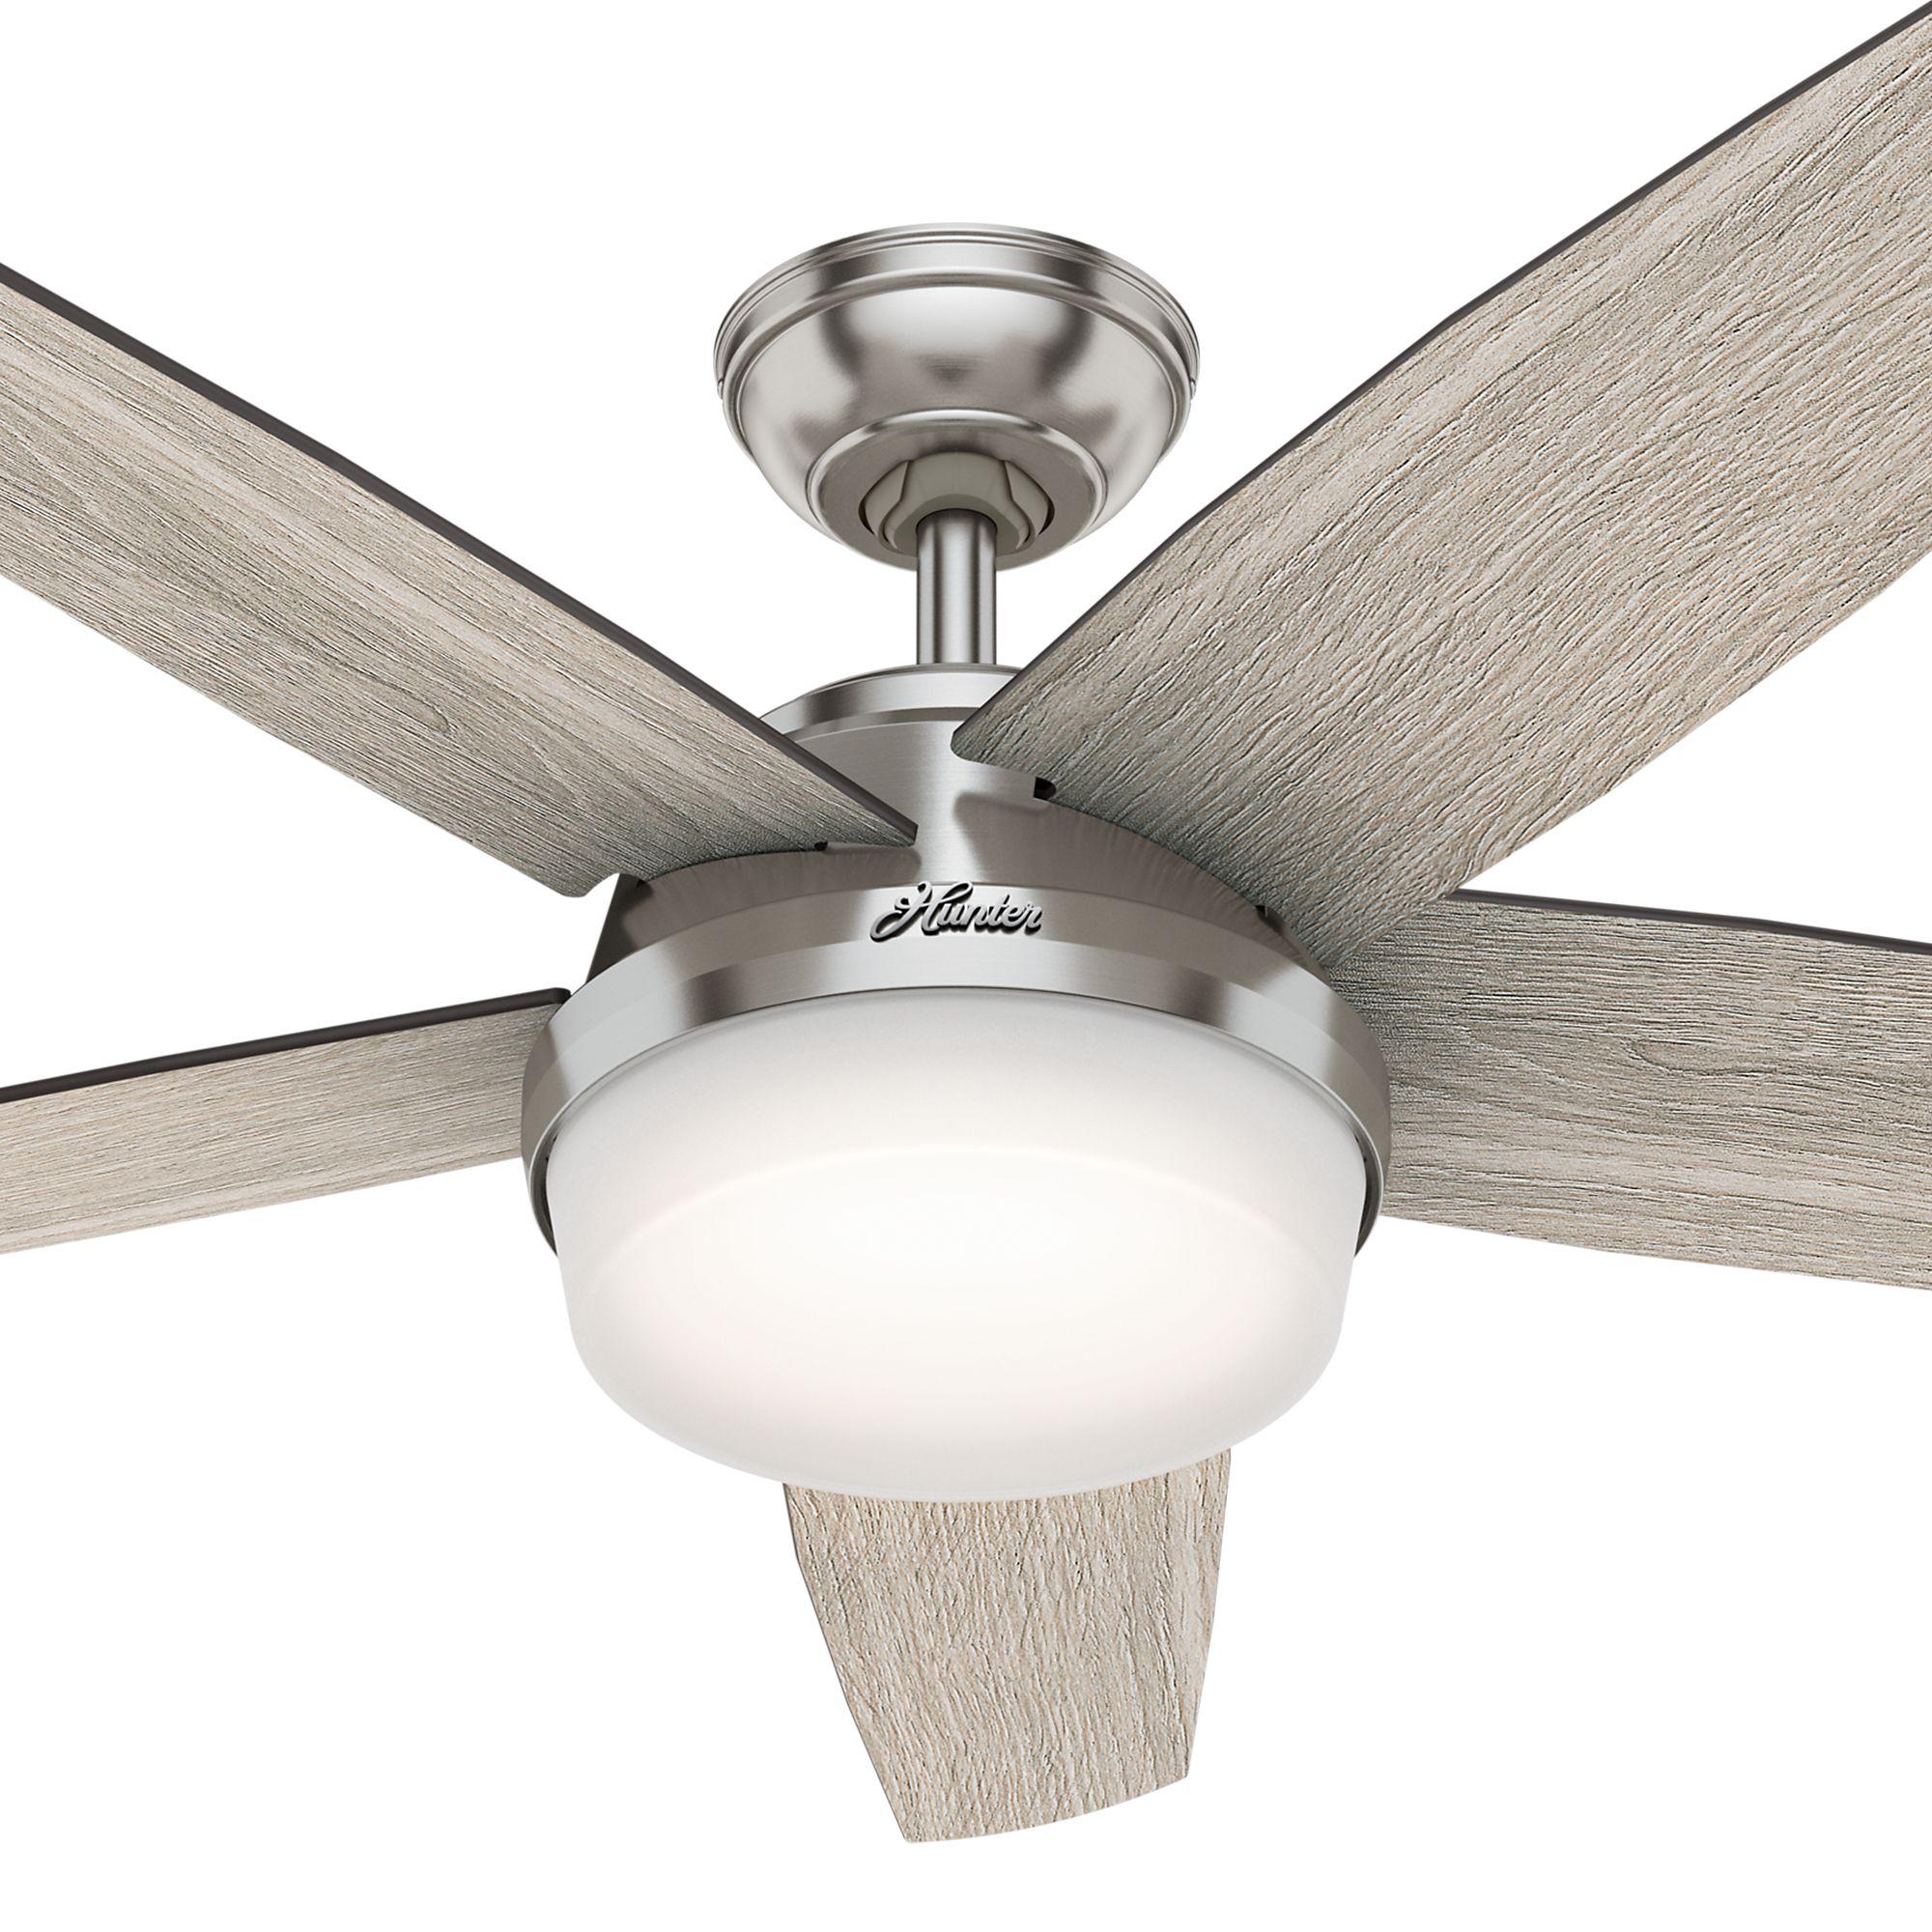 Hunter Led 52 Quot Avia Ii Ceiling Fan Reversible Blades Oak